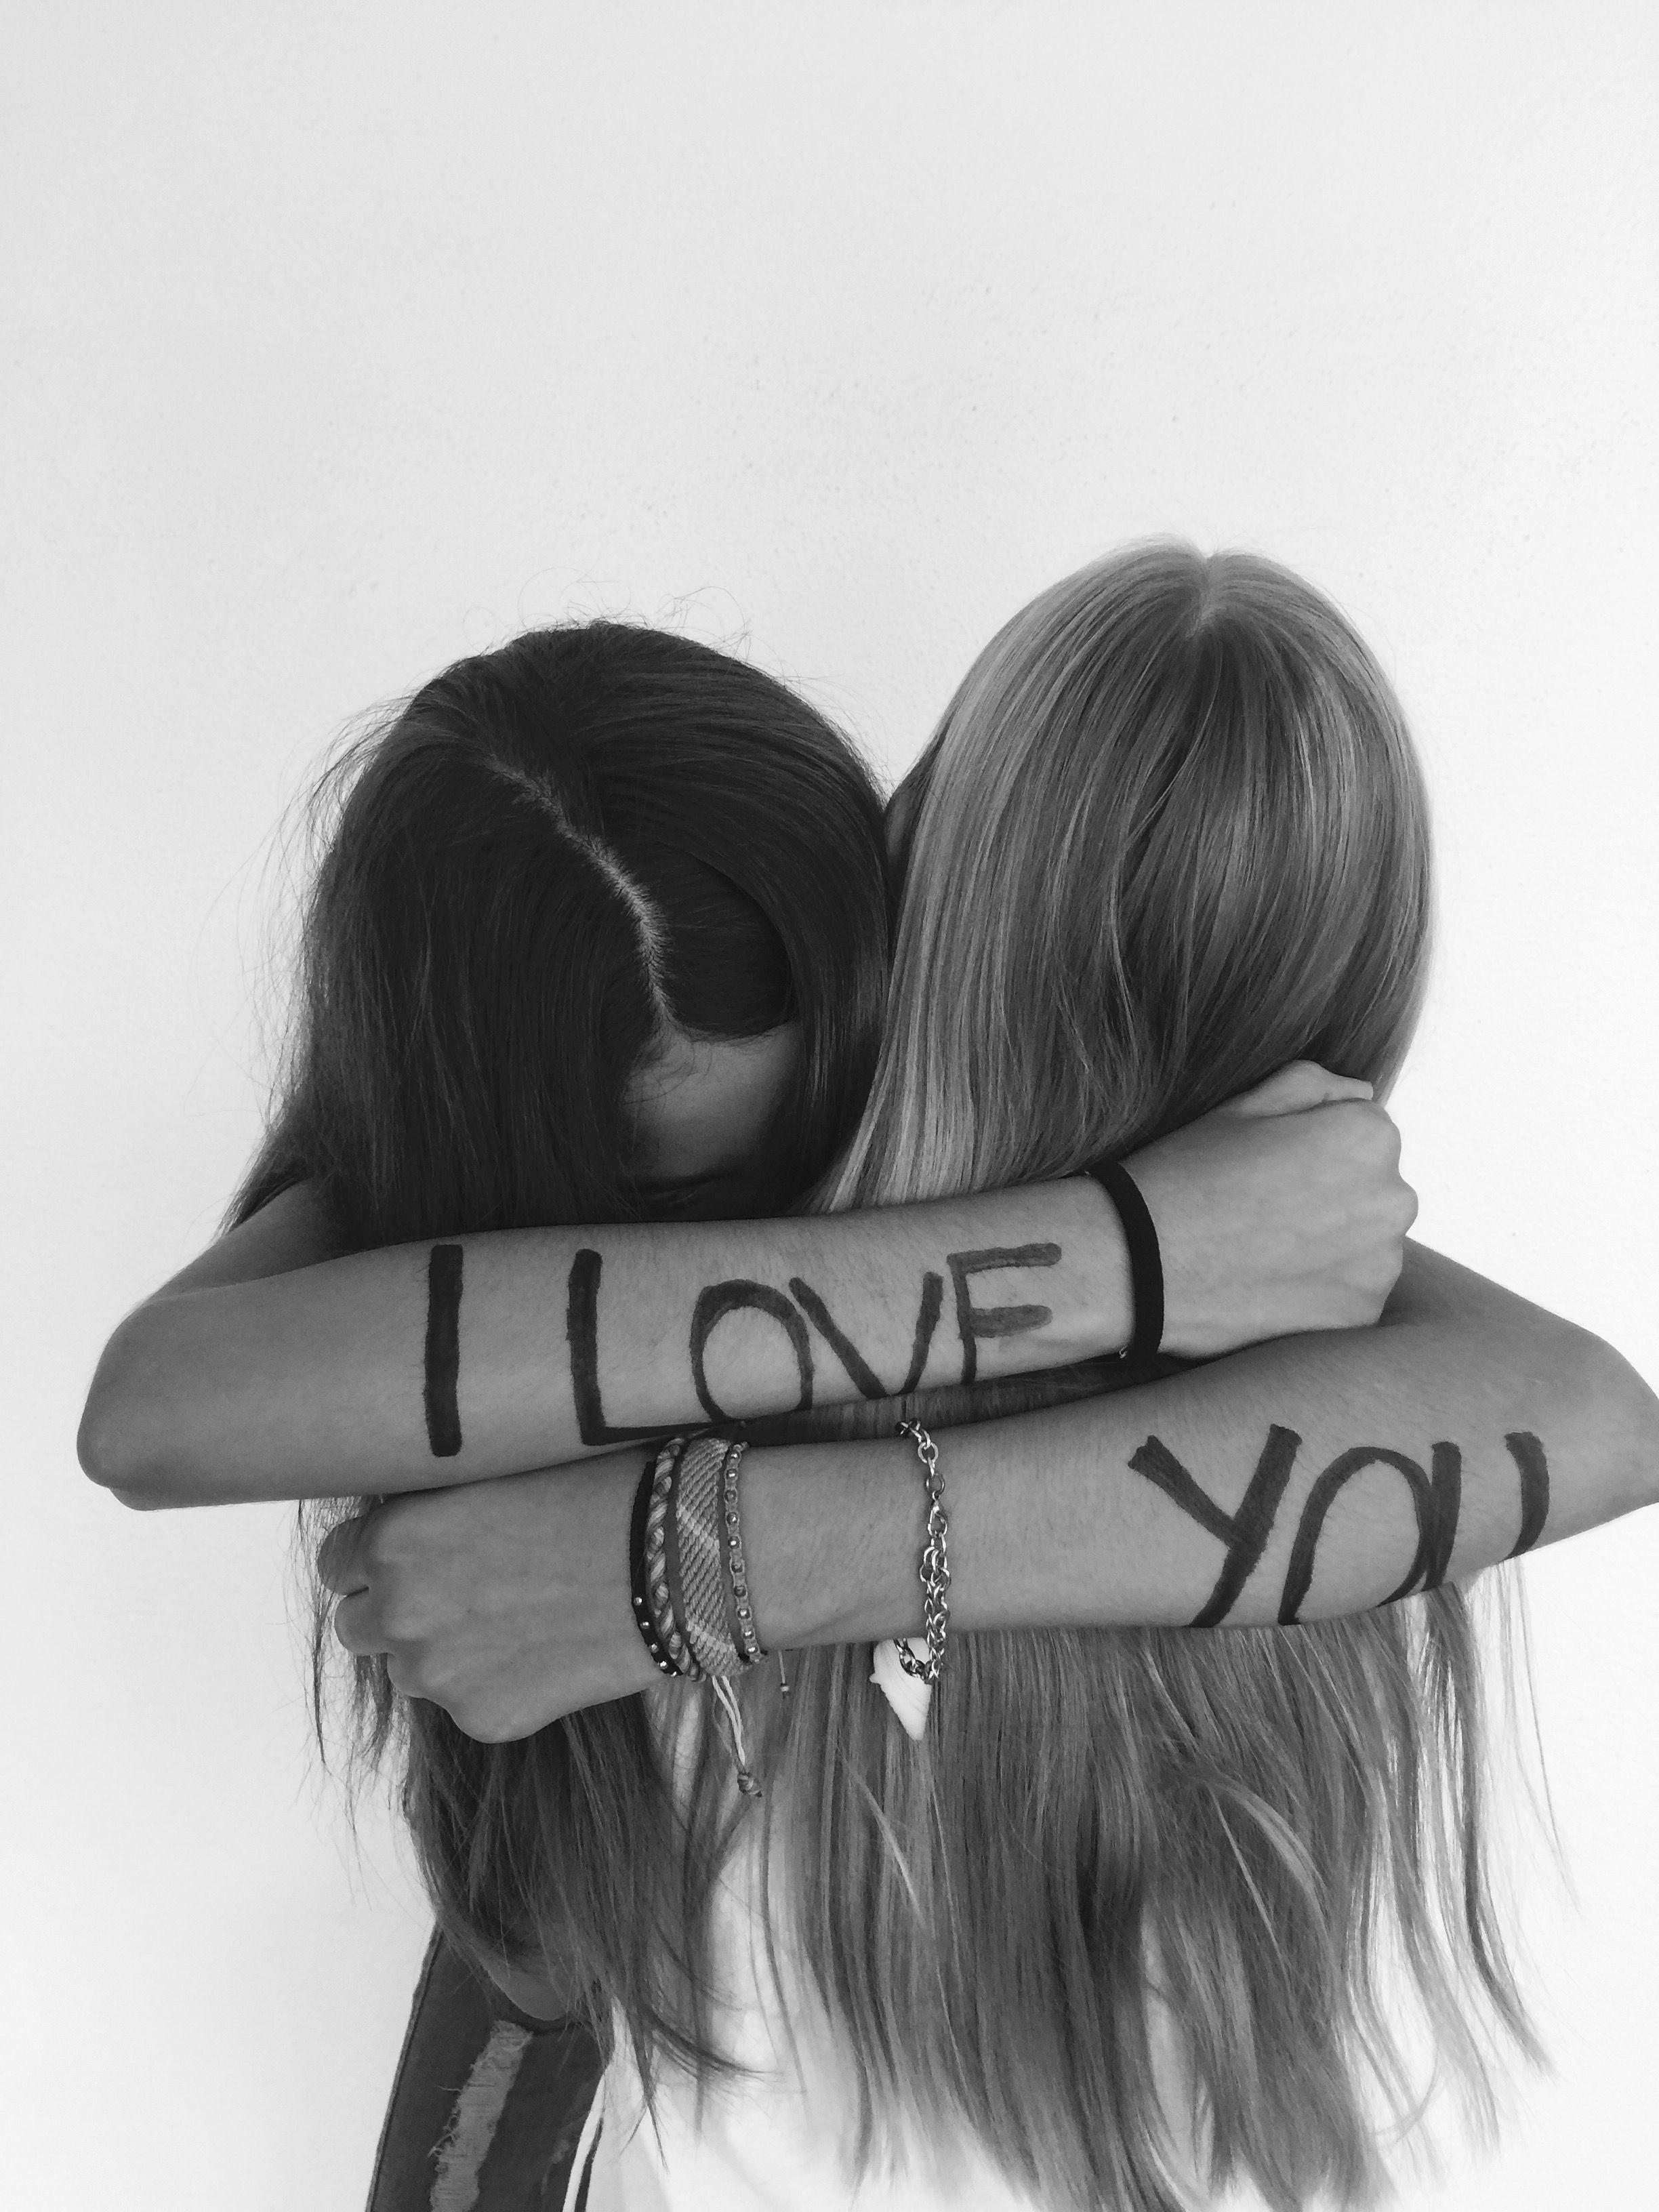 Днем, картинки с надписями про дружбу красивые